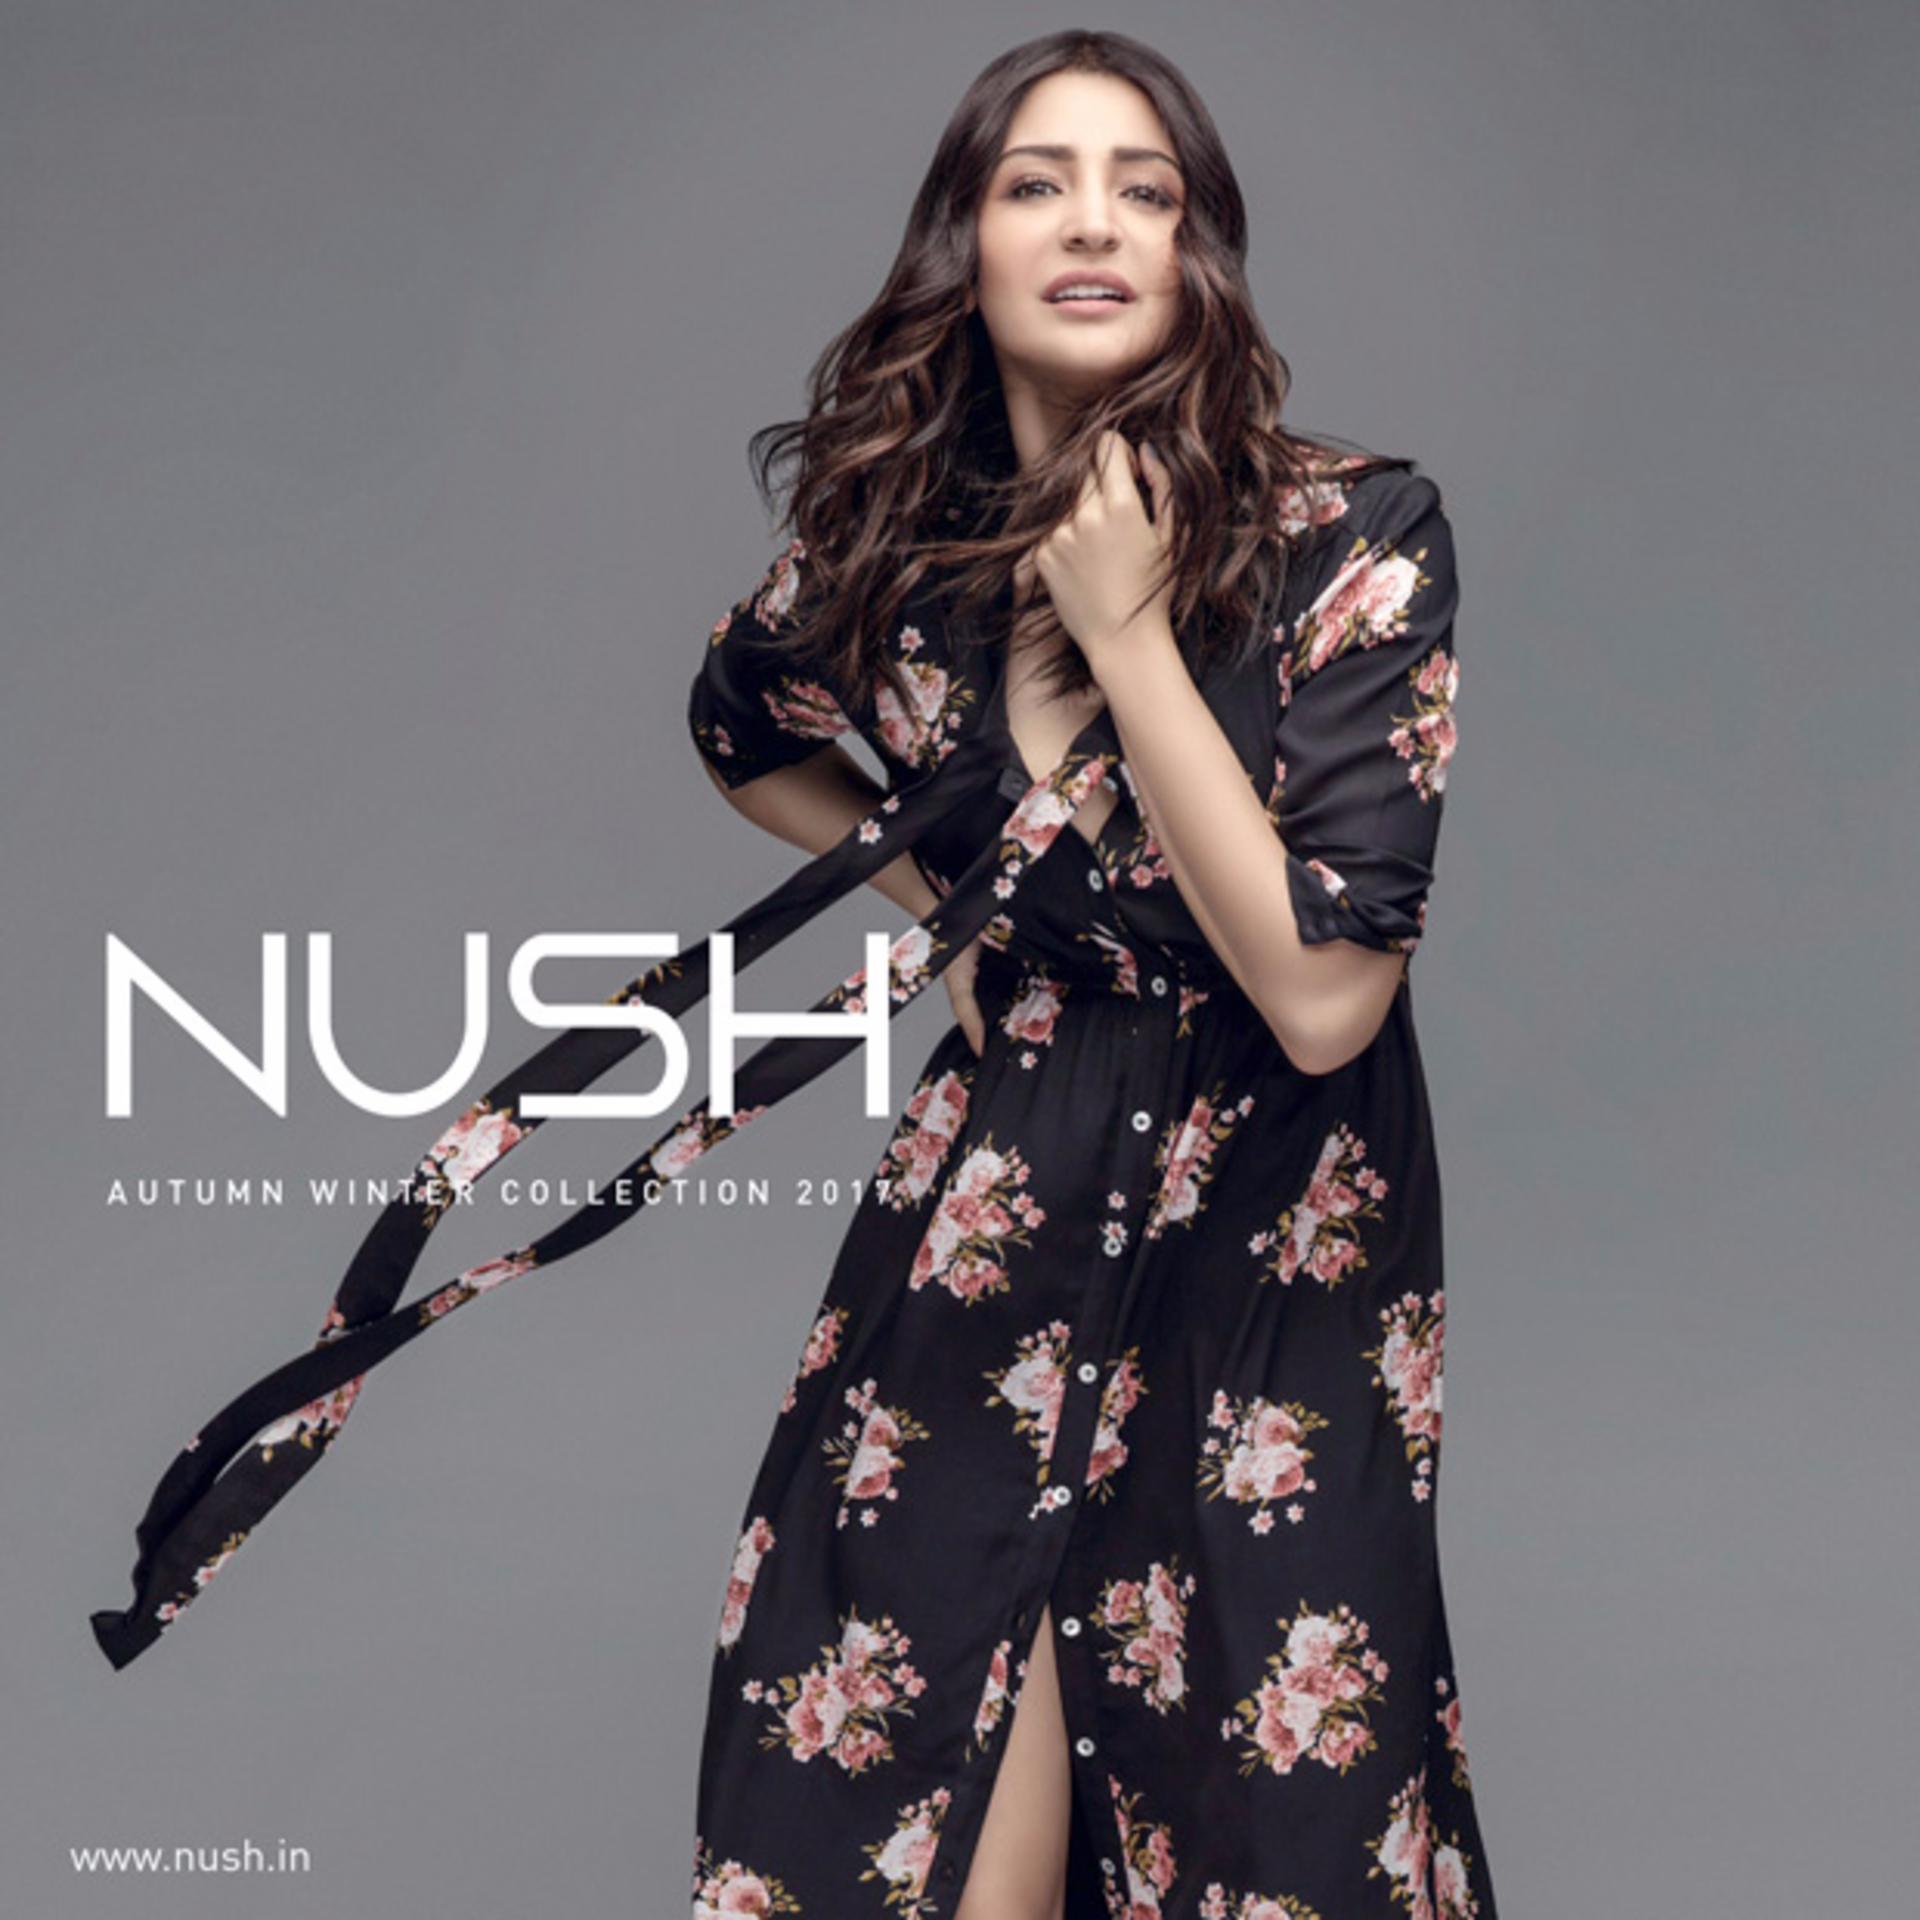 Anushka Sharma Launches Clothing Line 'NUSH' image